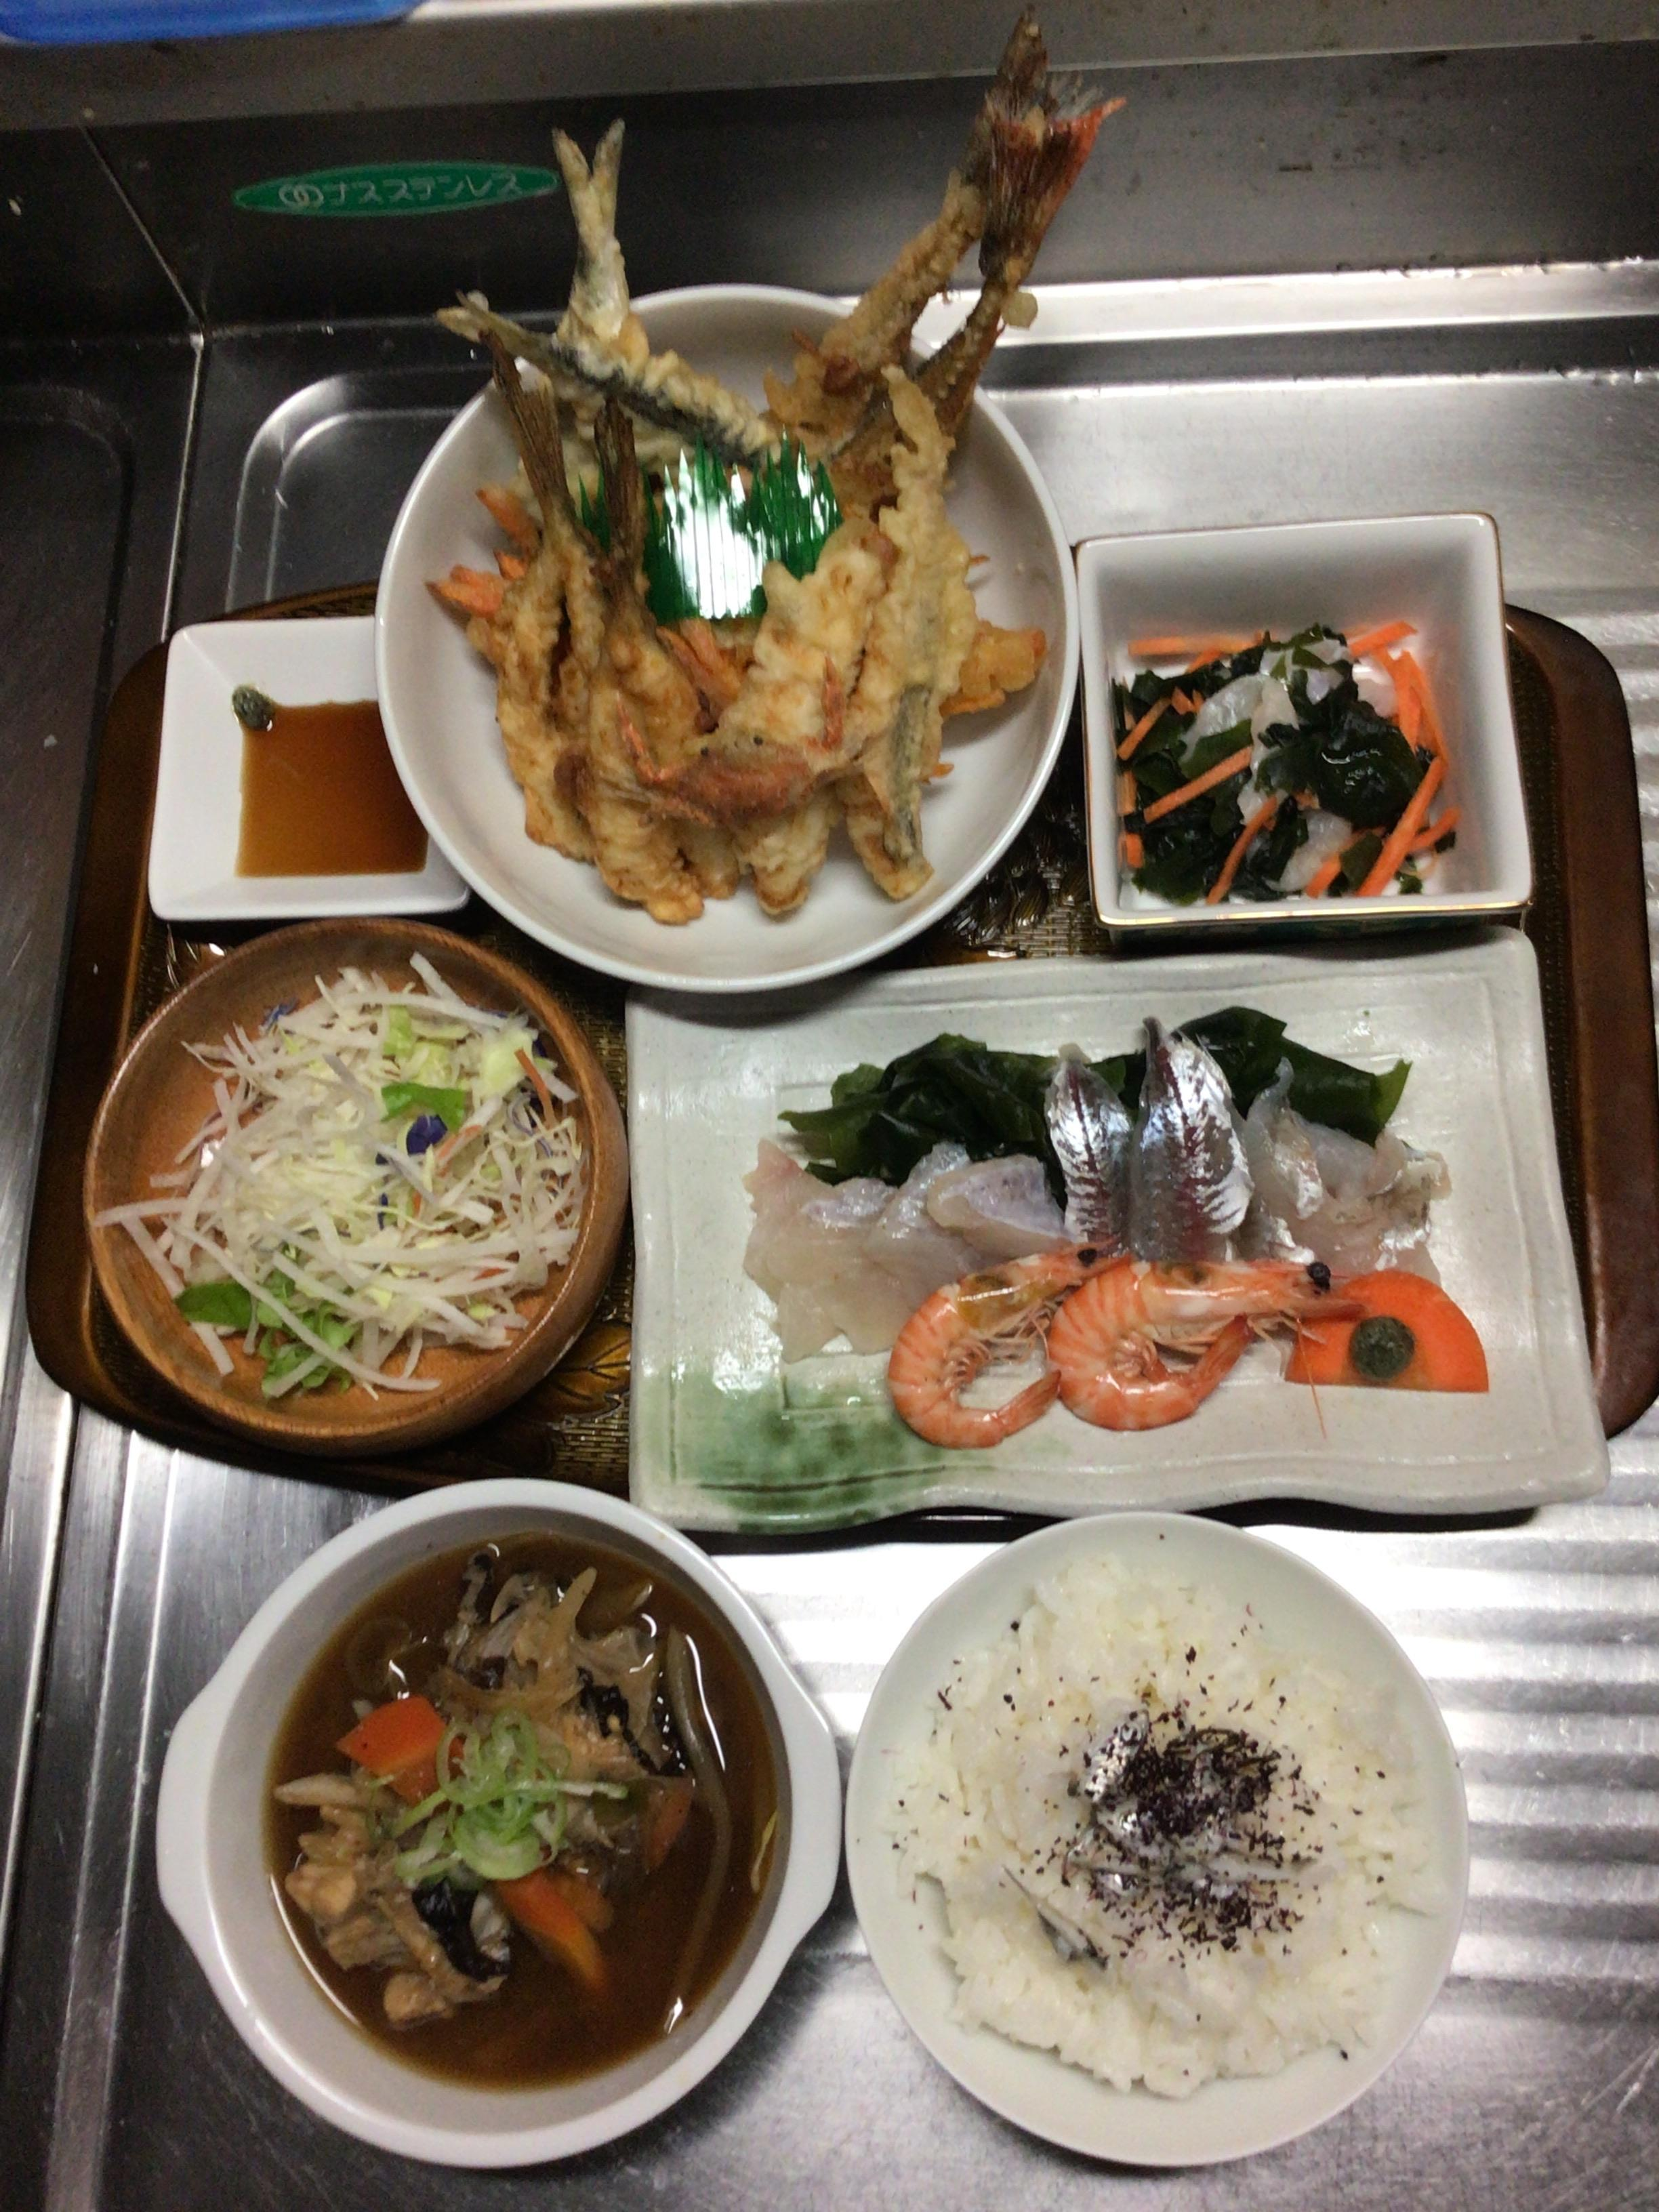 鬼カサゴのあら汁、刺身、天ぷら、酢の物デス❗️